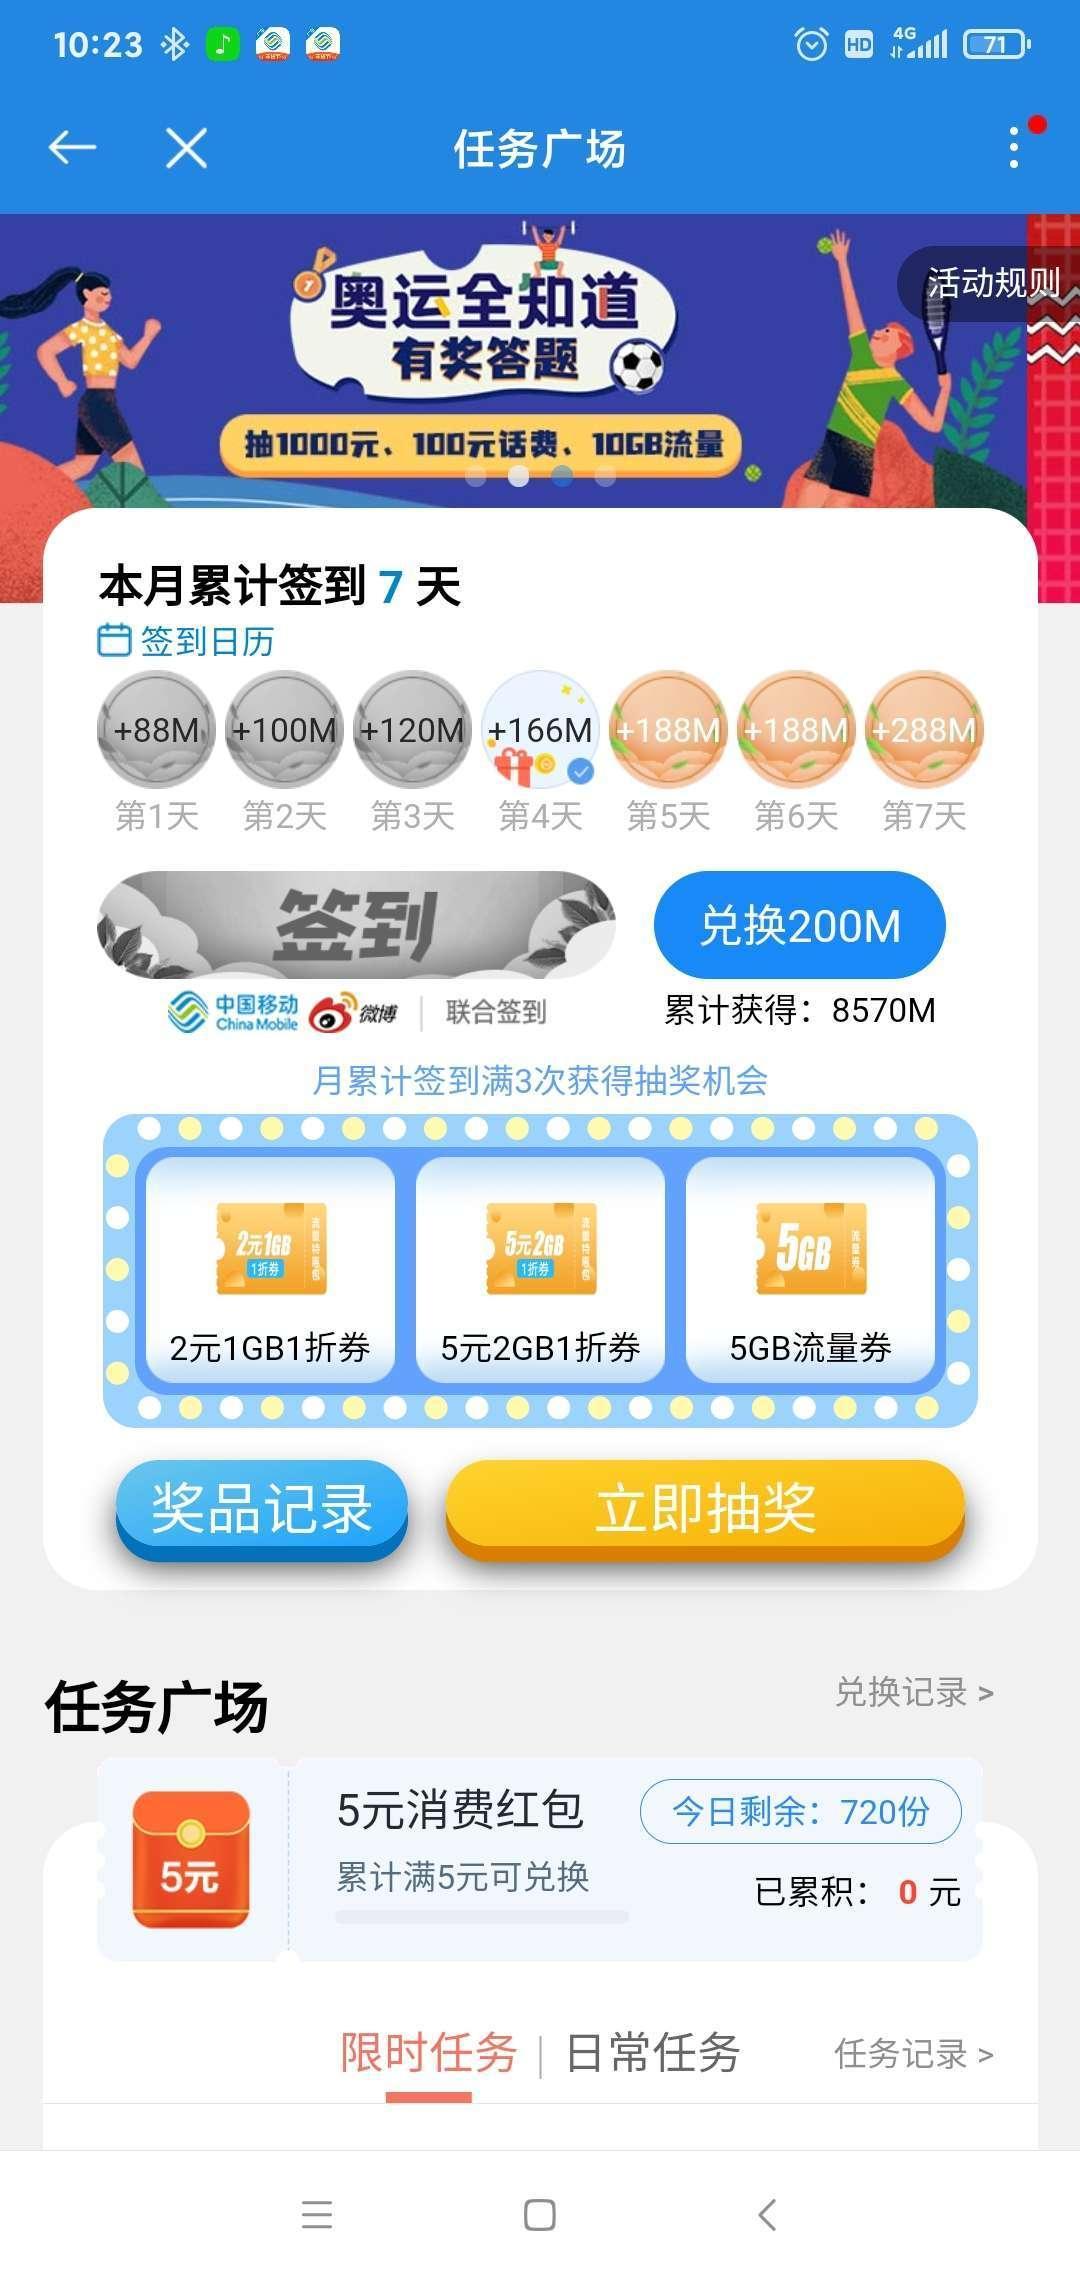 广东移动APP抽奖